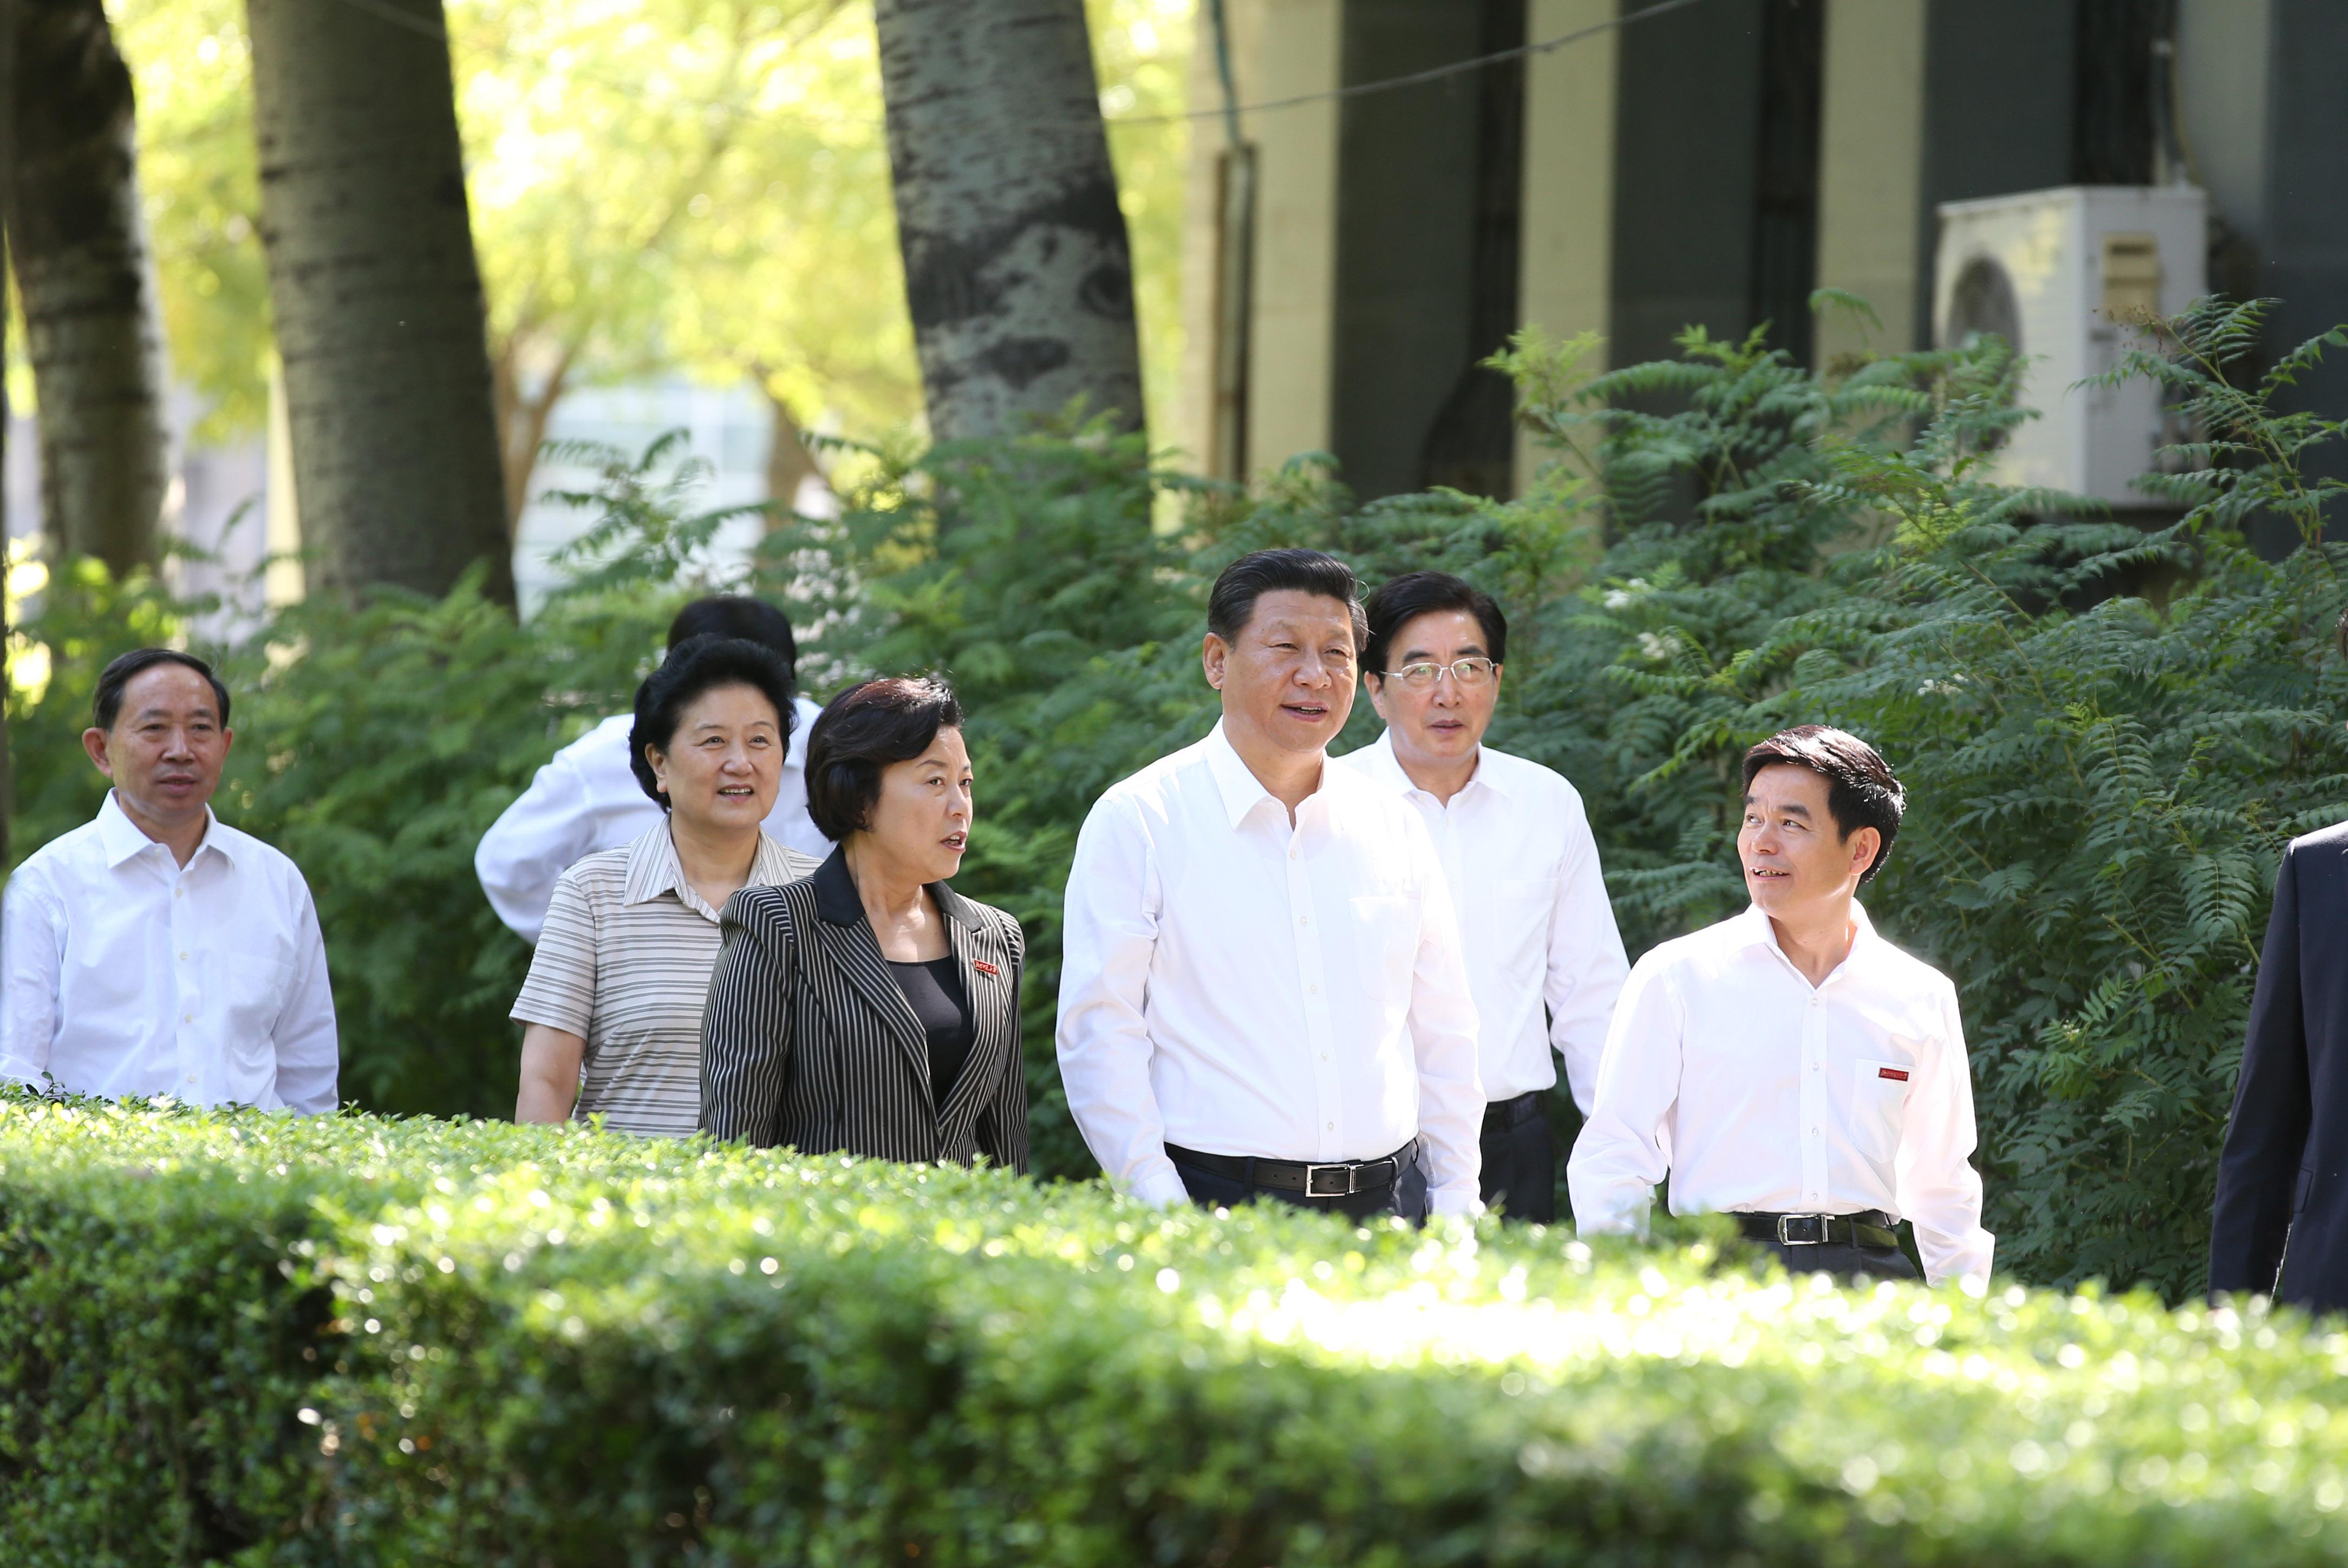 习近平来到北京师范大学看望一线教师